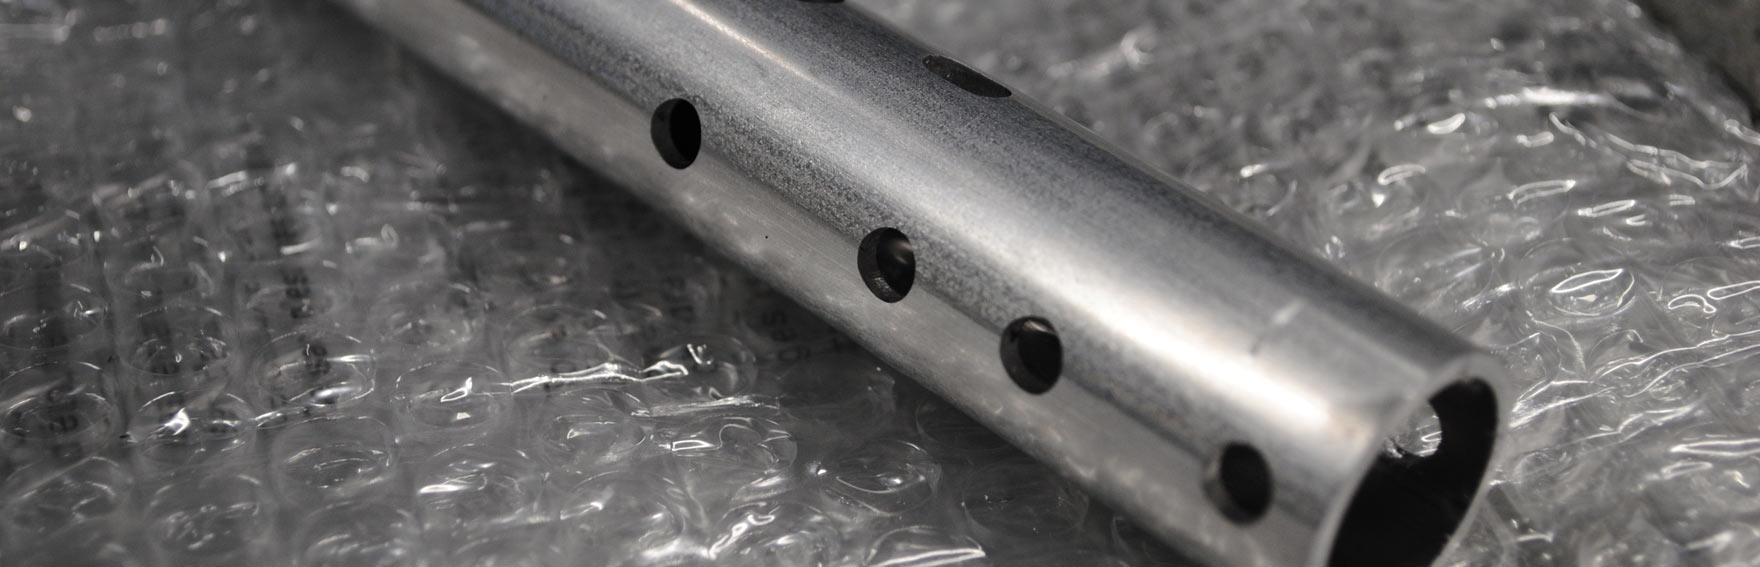 Taglio laser per tubi in acciaio, ottone, rame e alluminio